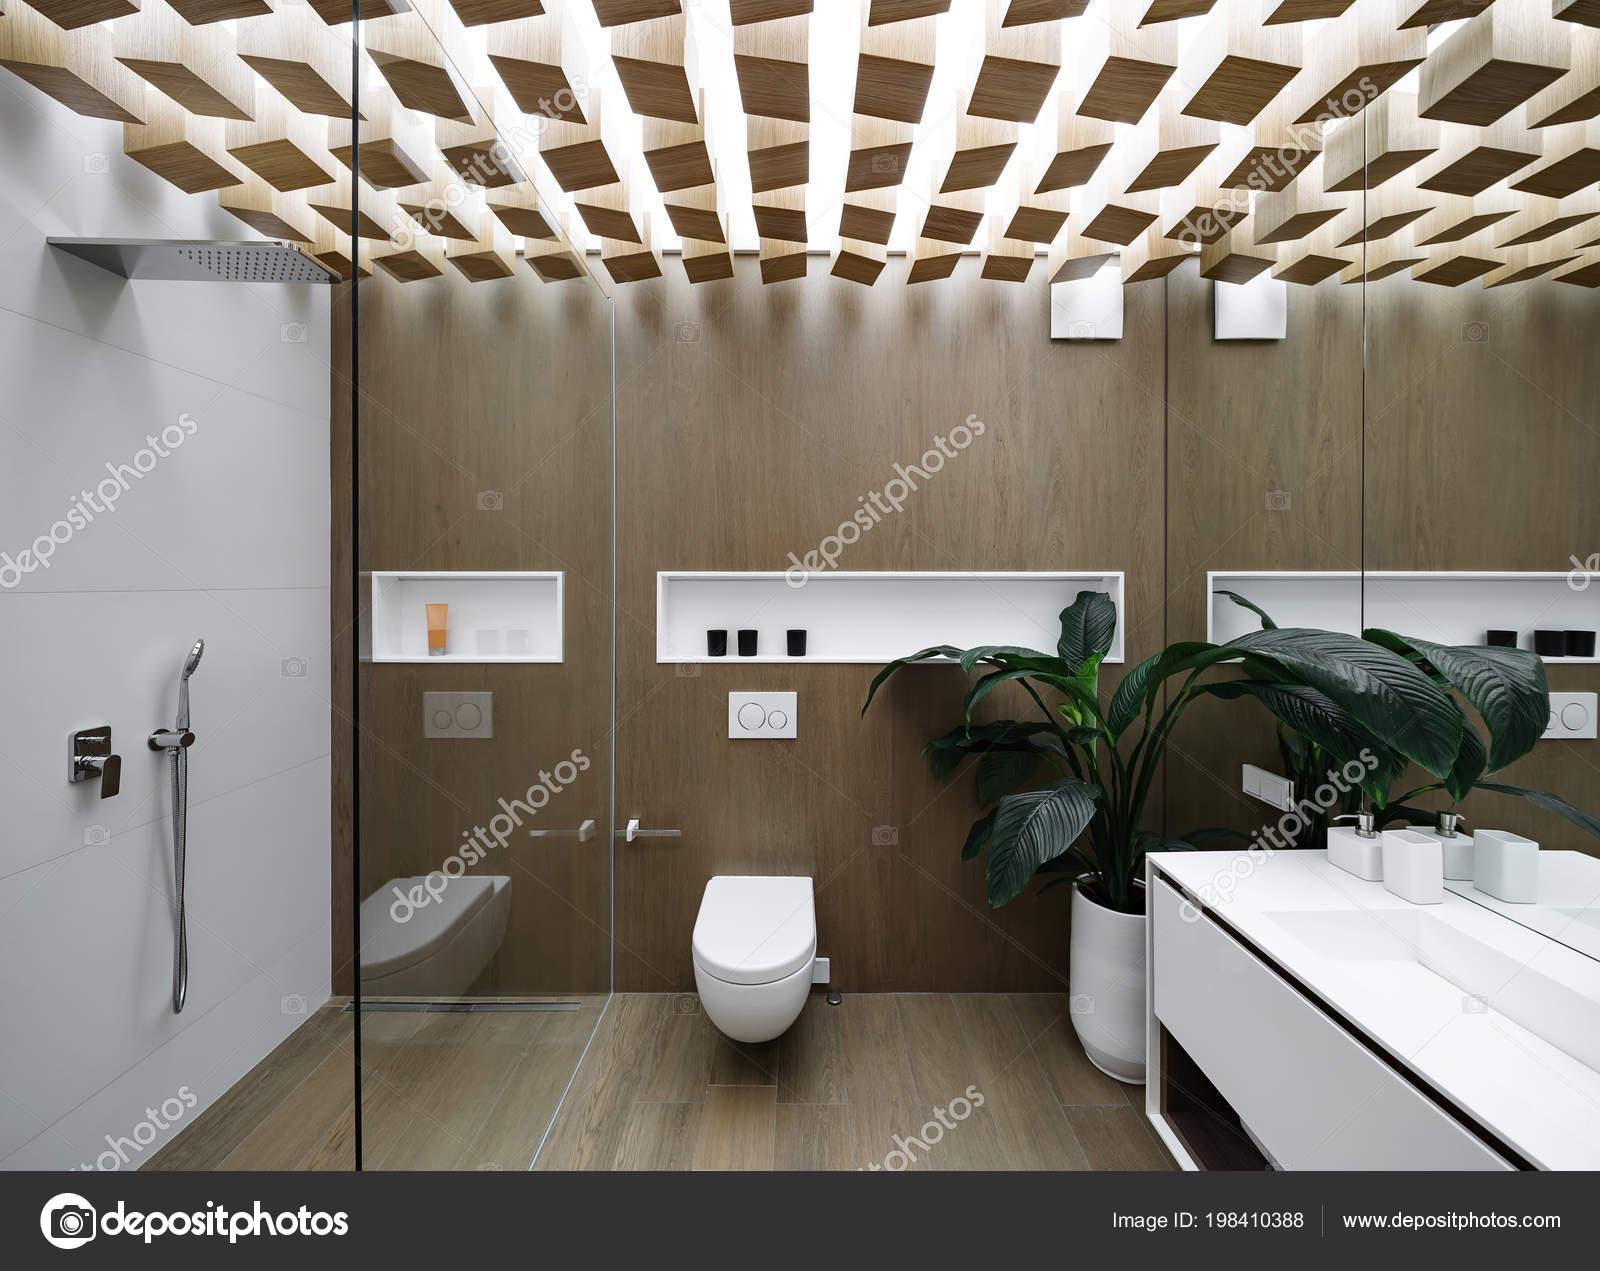 Badezimmer im modernen Stil — Stockfoto © bezikus #198410388